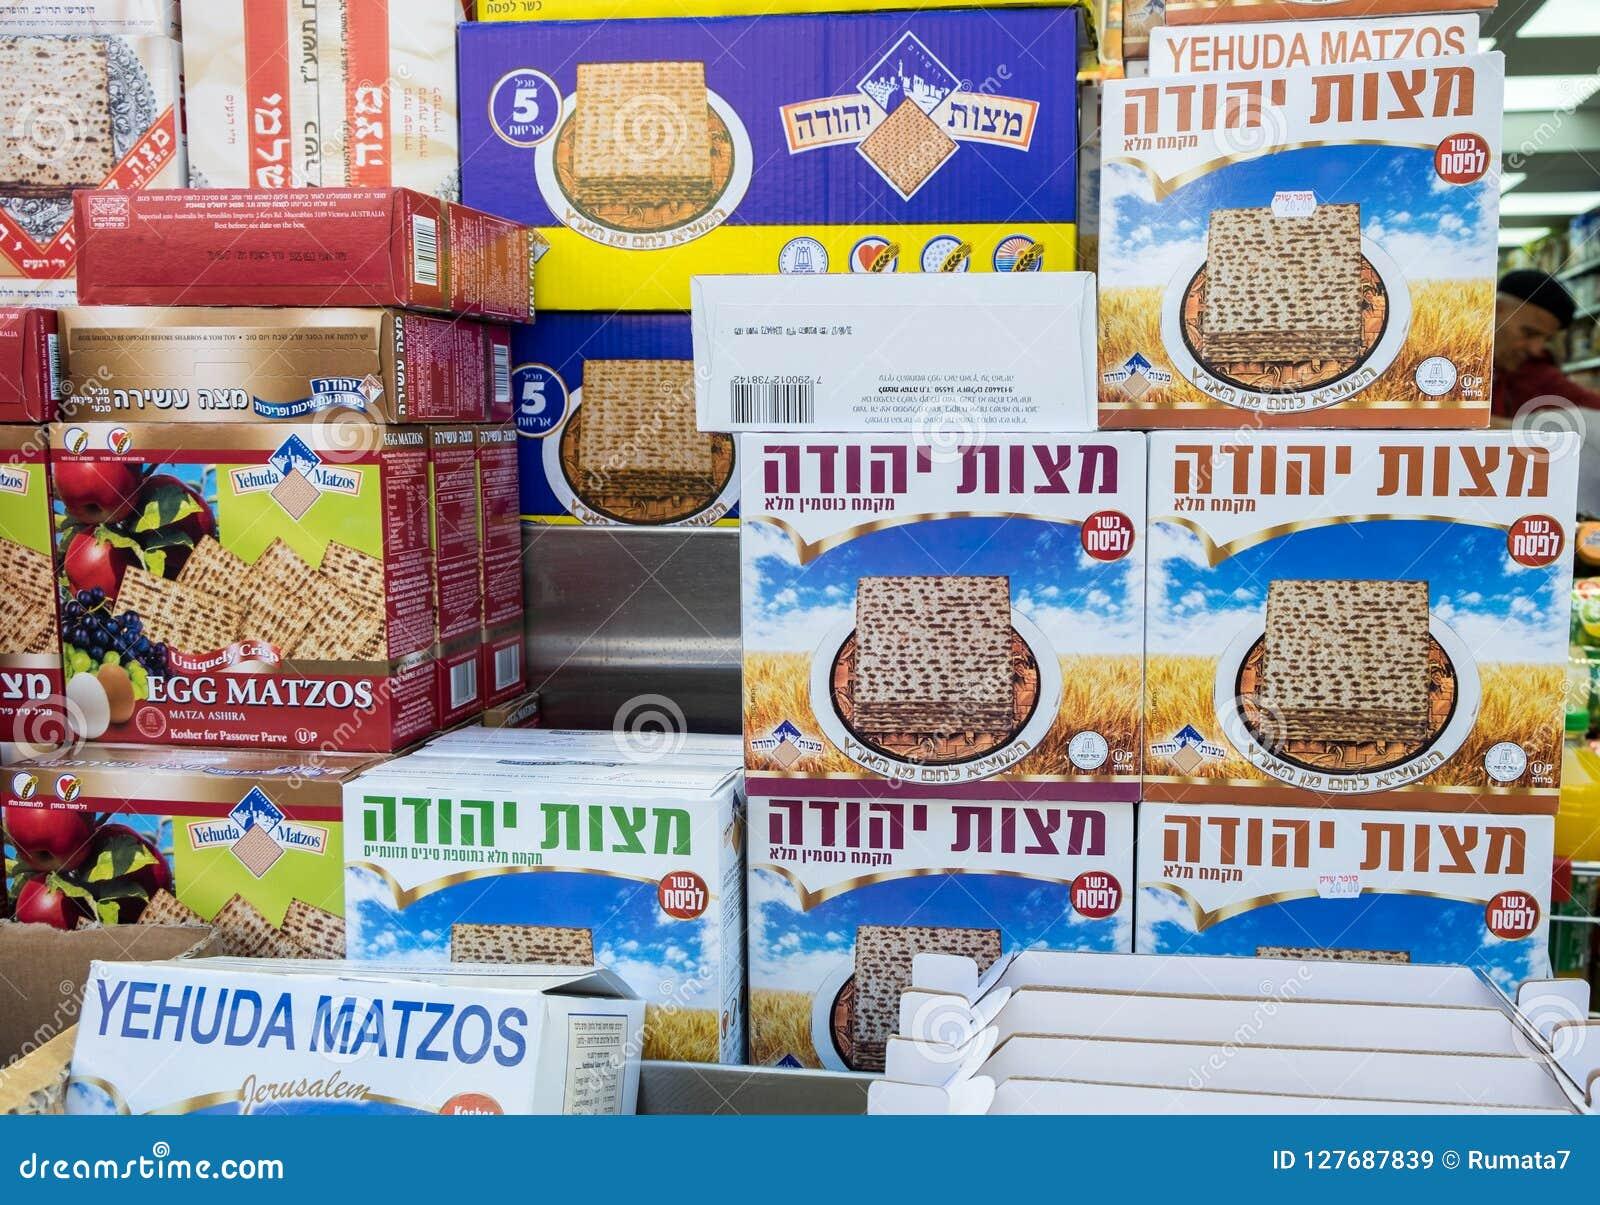 Cajas de Matzot kosher para la pascua judía, para la venta